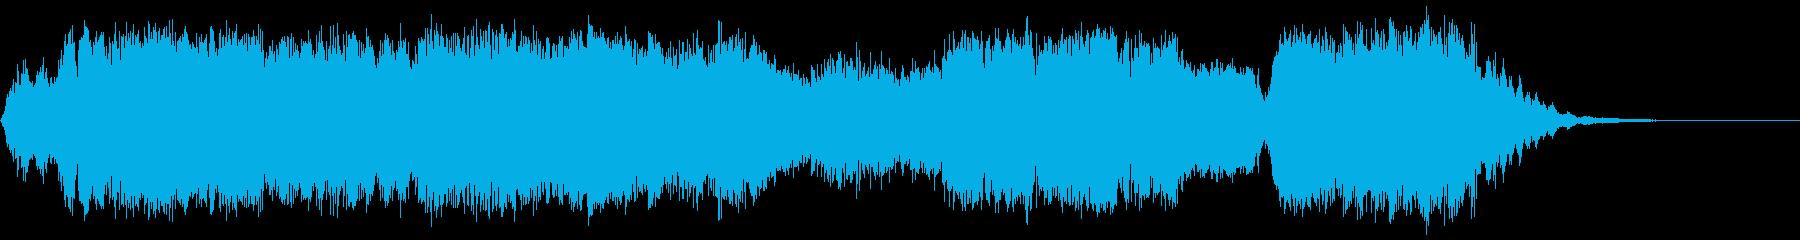 オールインワンの再生済みの波形